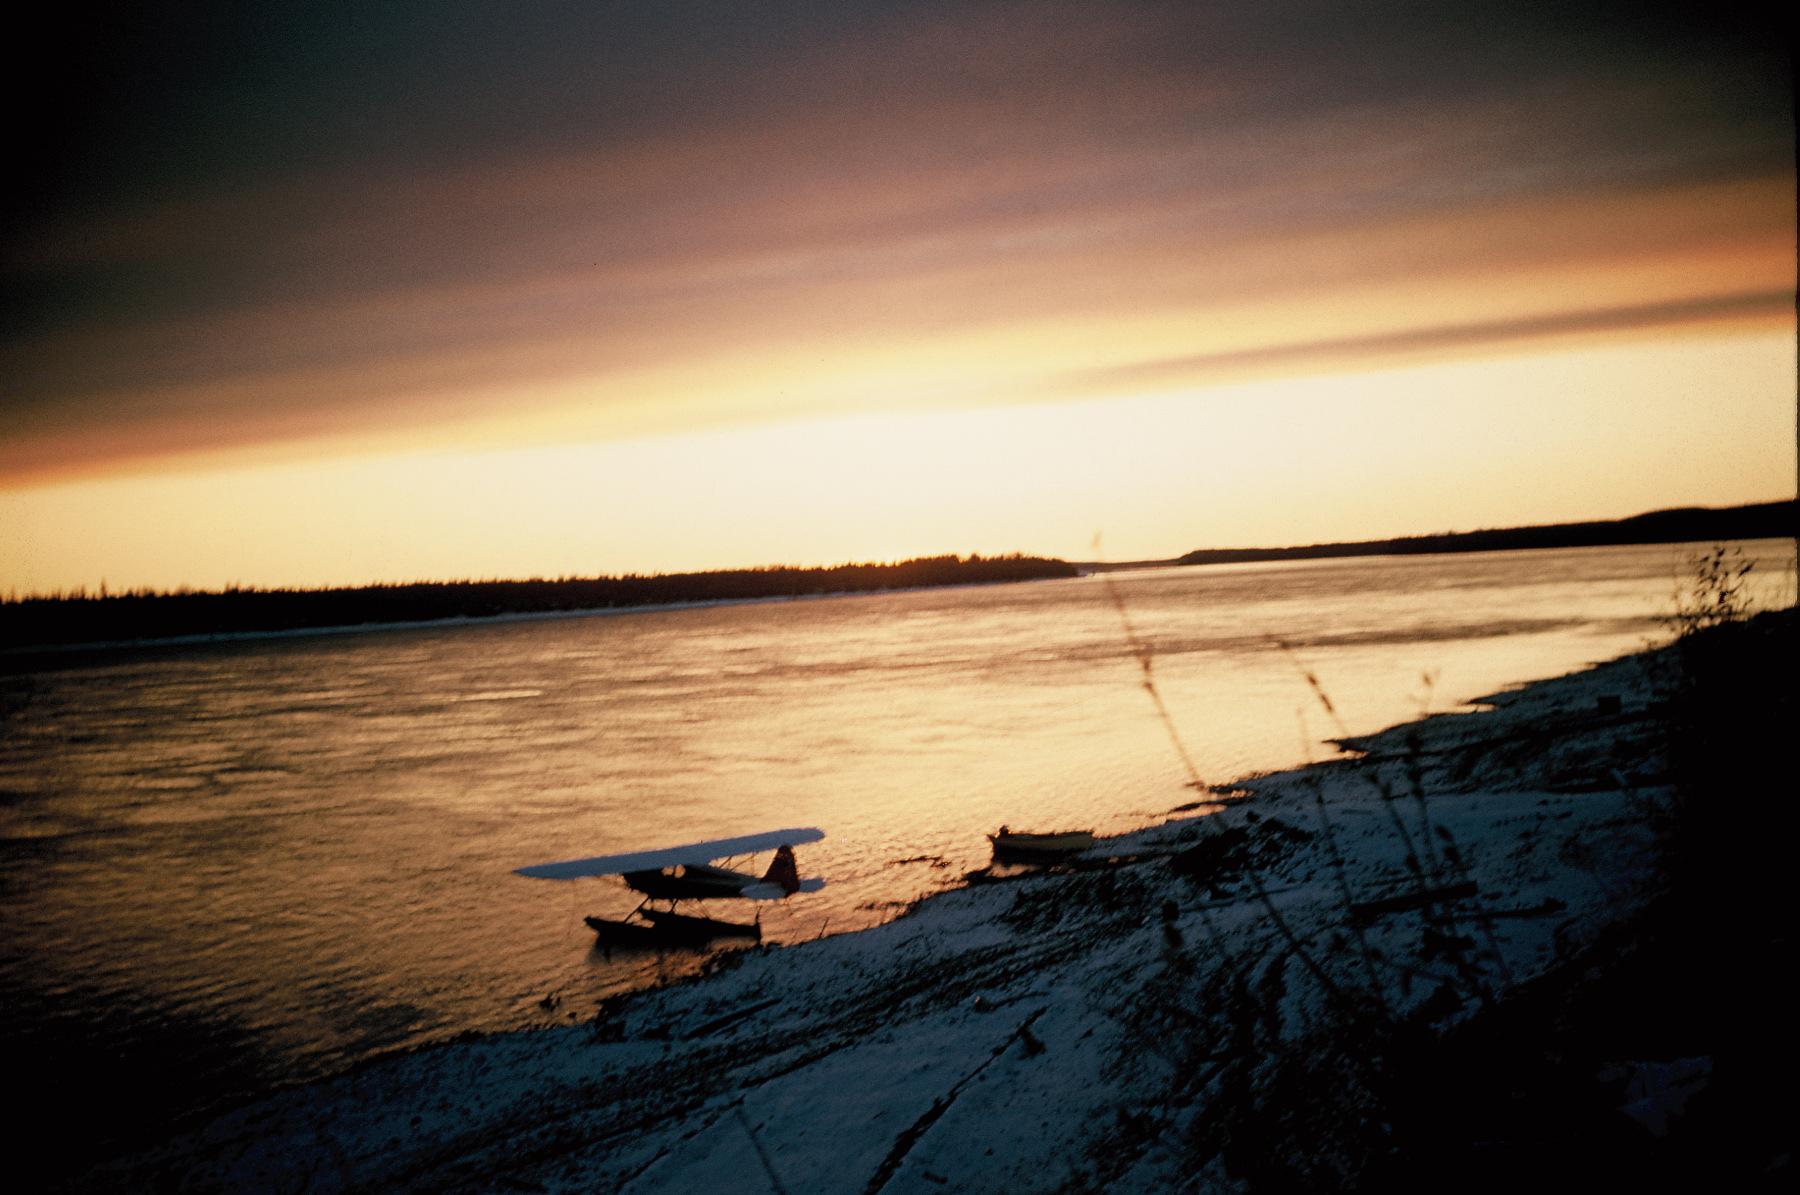 J-3 sunset Yukon